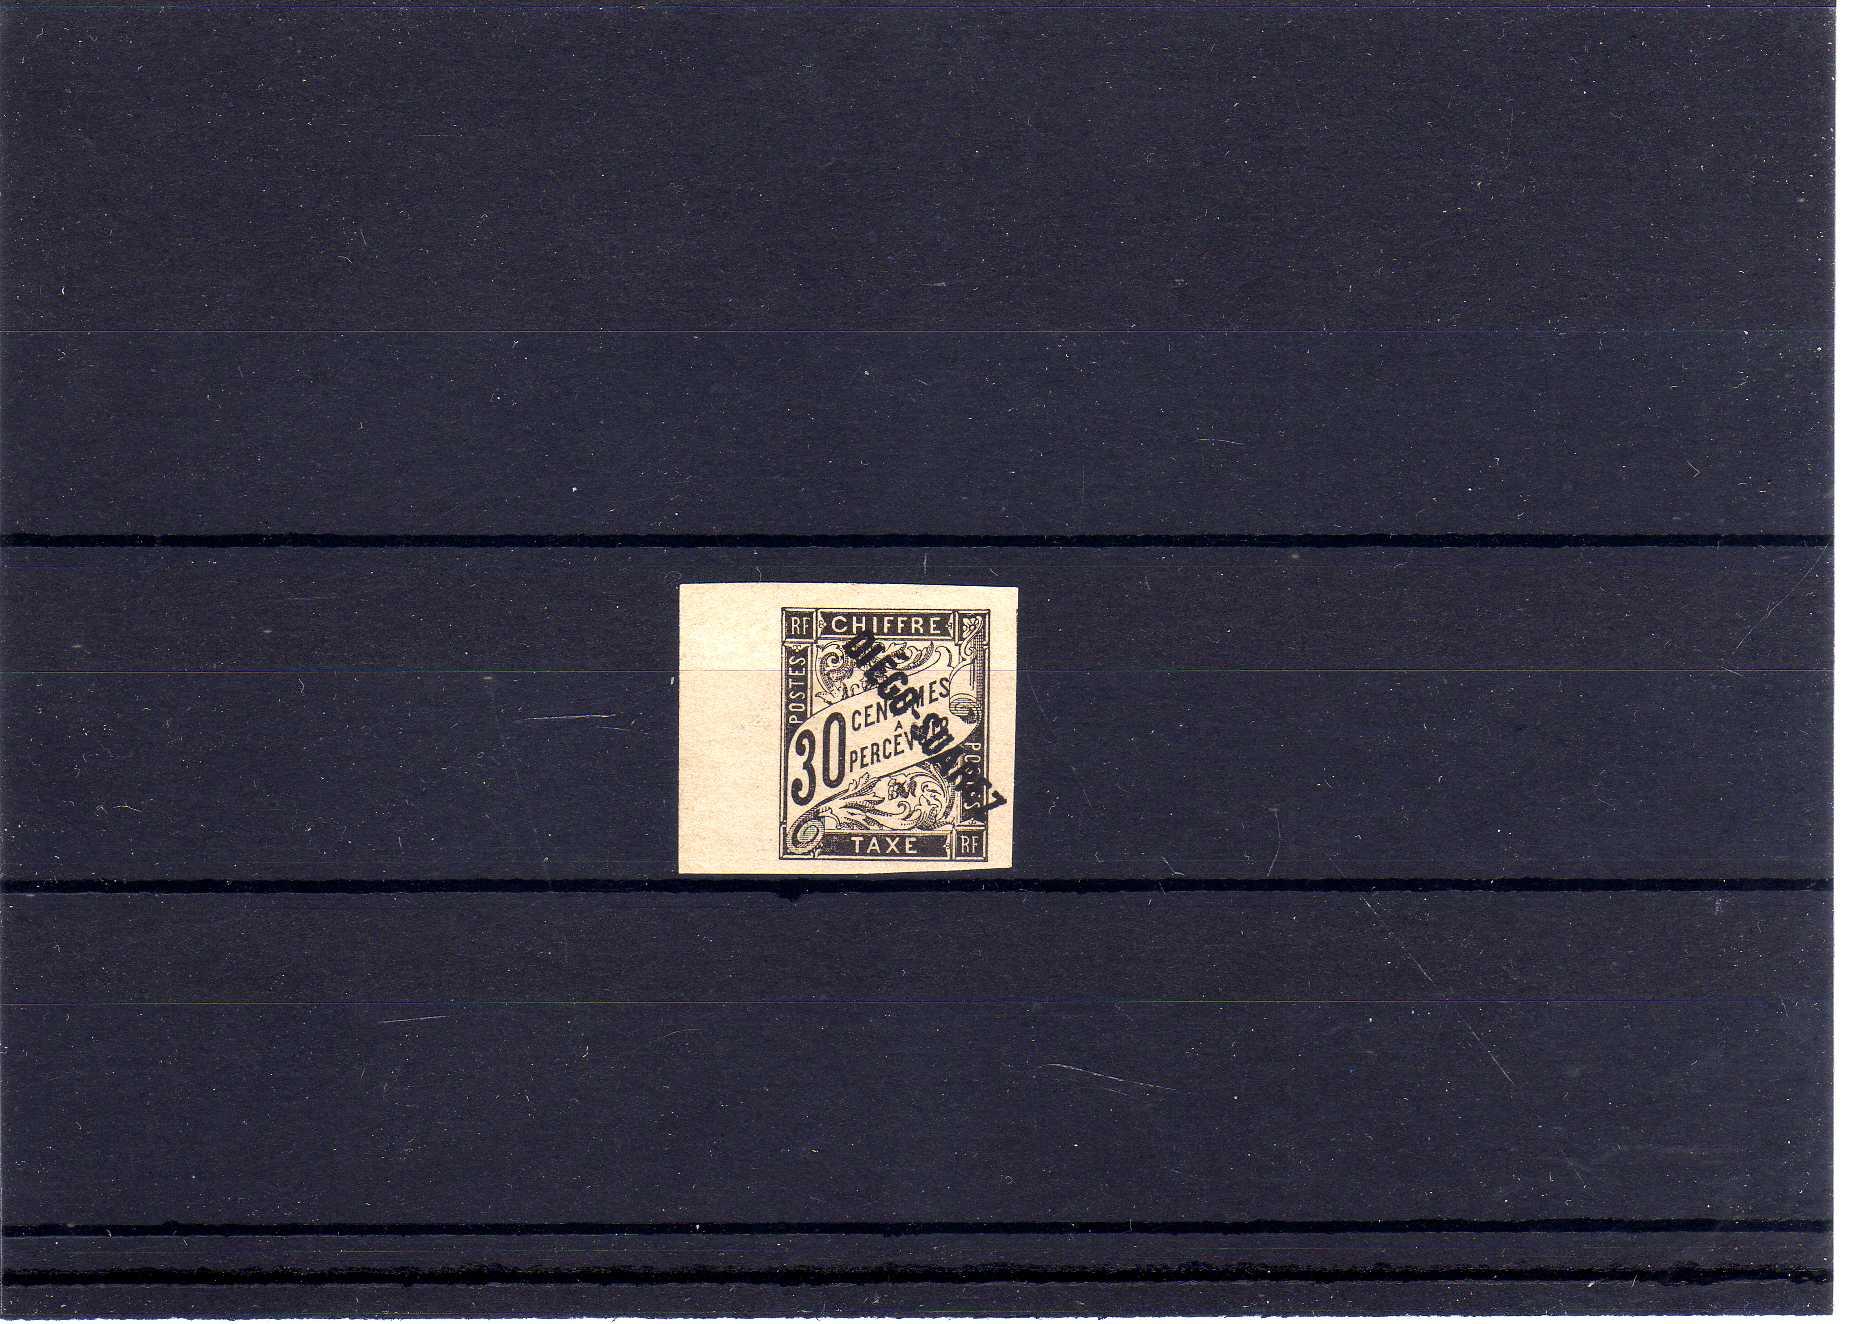 Georg bühler nachfolger briefmarken auktionen gmbh sale page